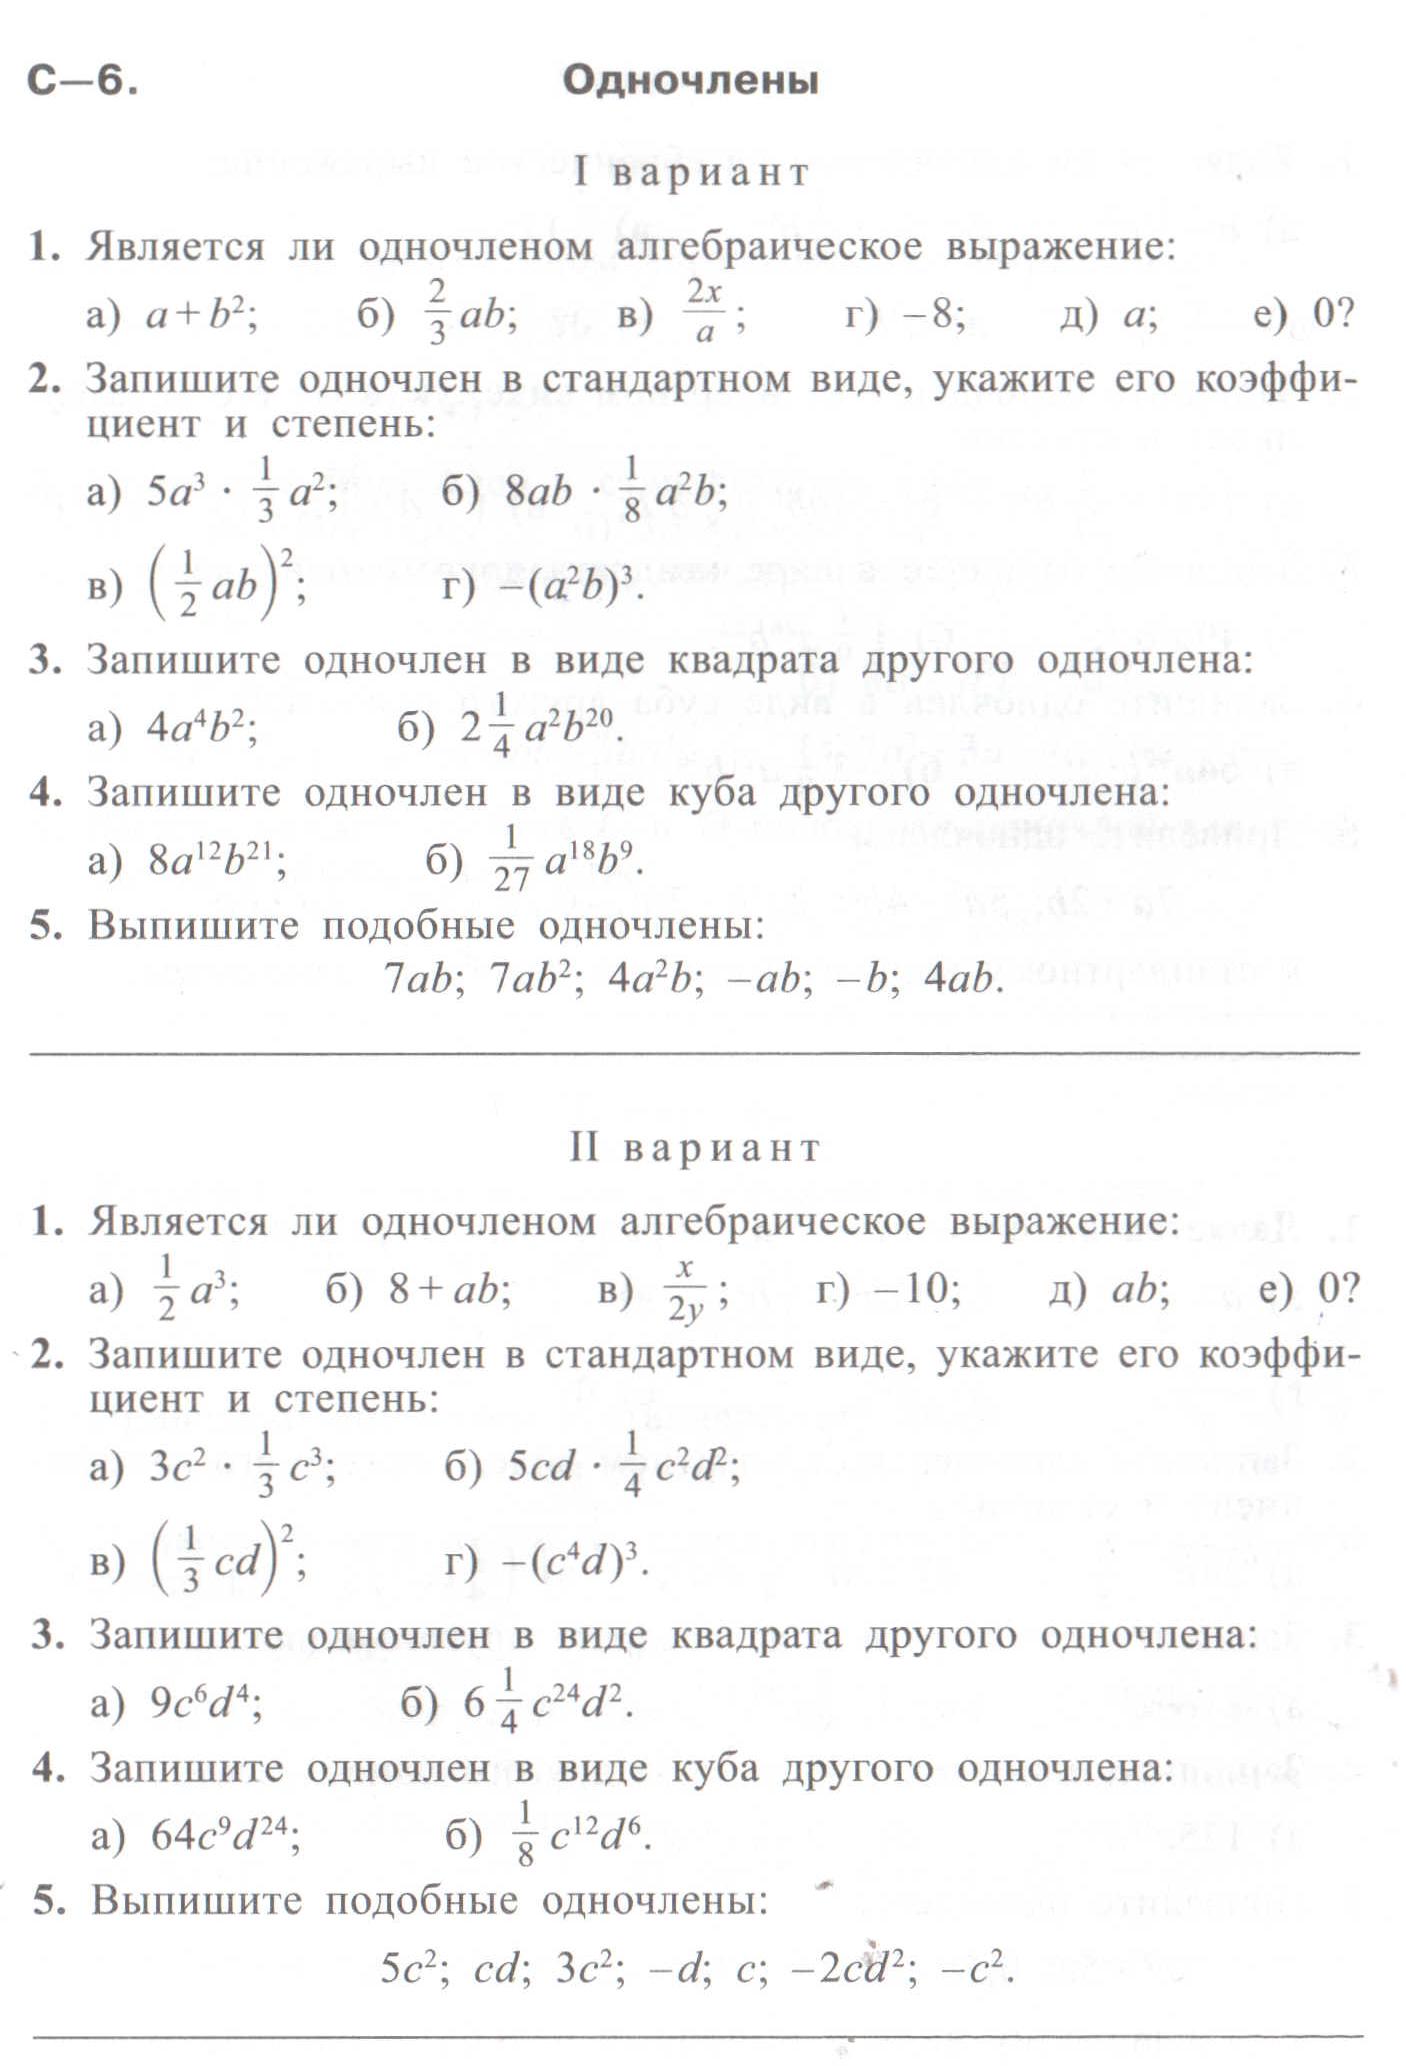 Контрольная работа № по алгебре класс к учебнику Никольского hello html 72fe0fc2 png